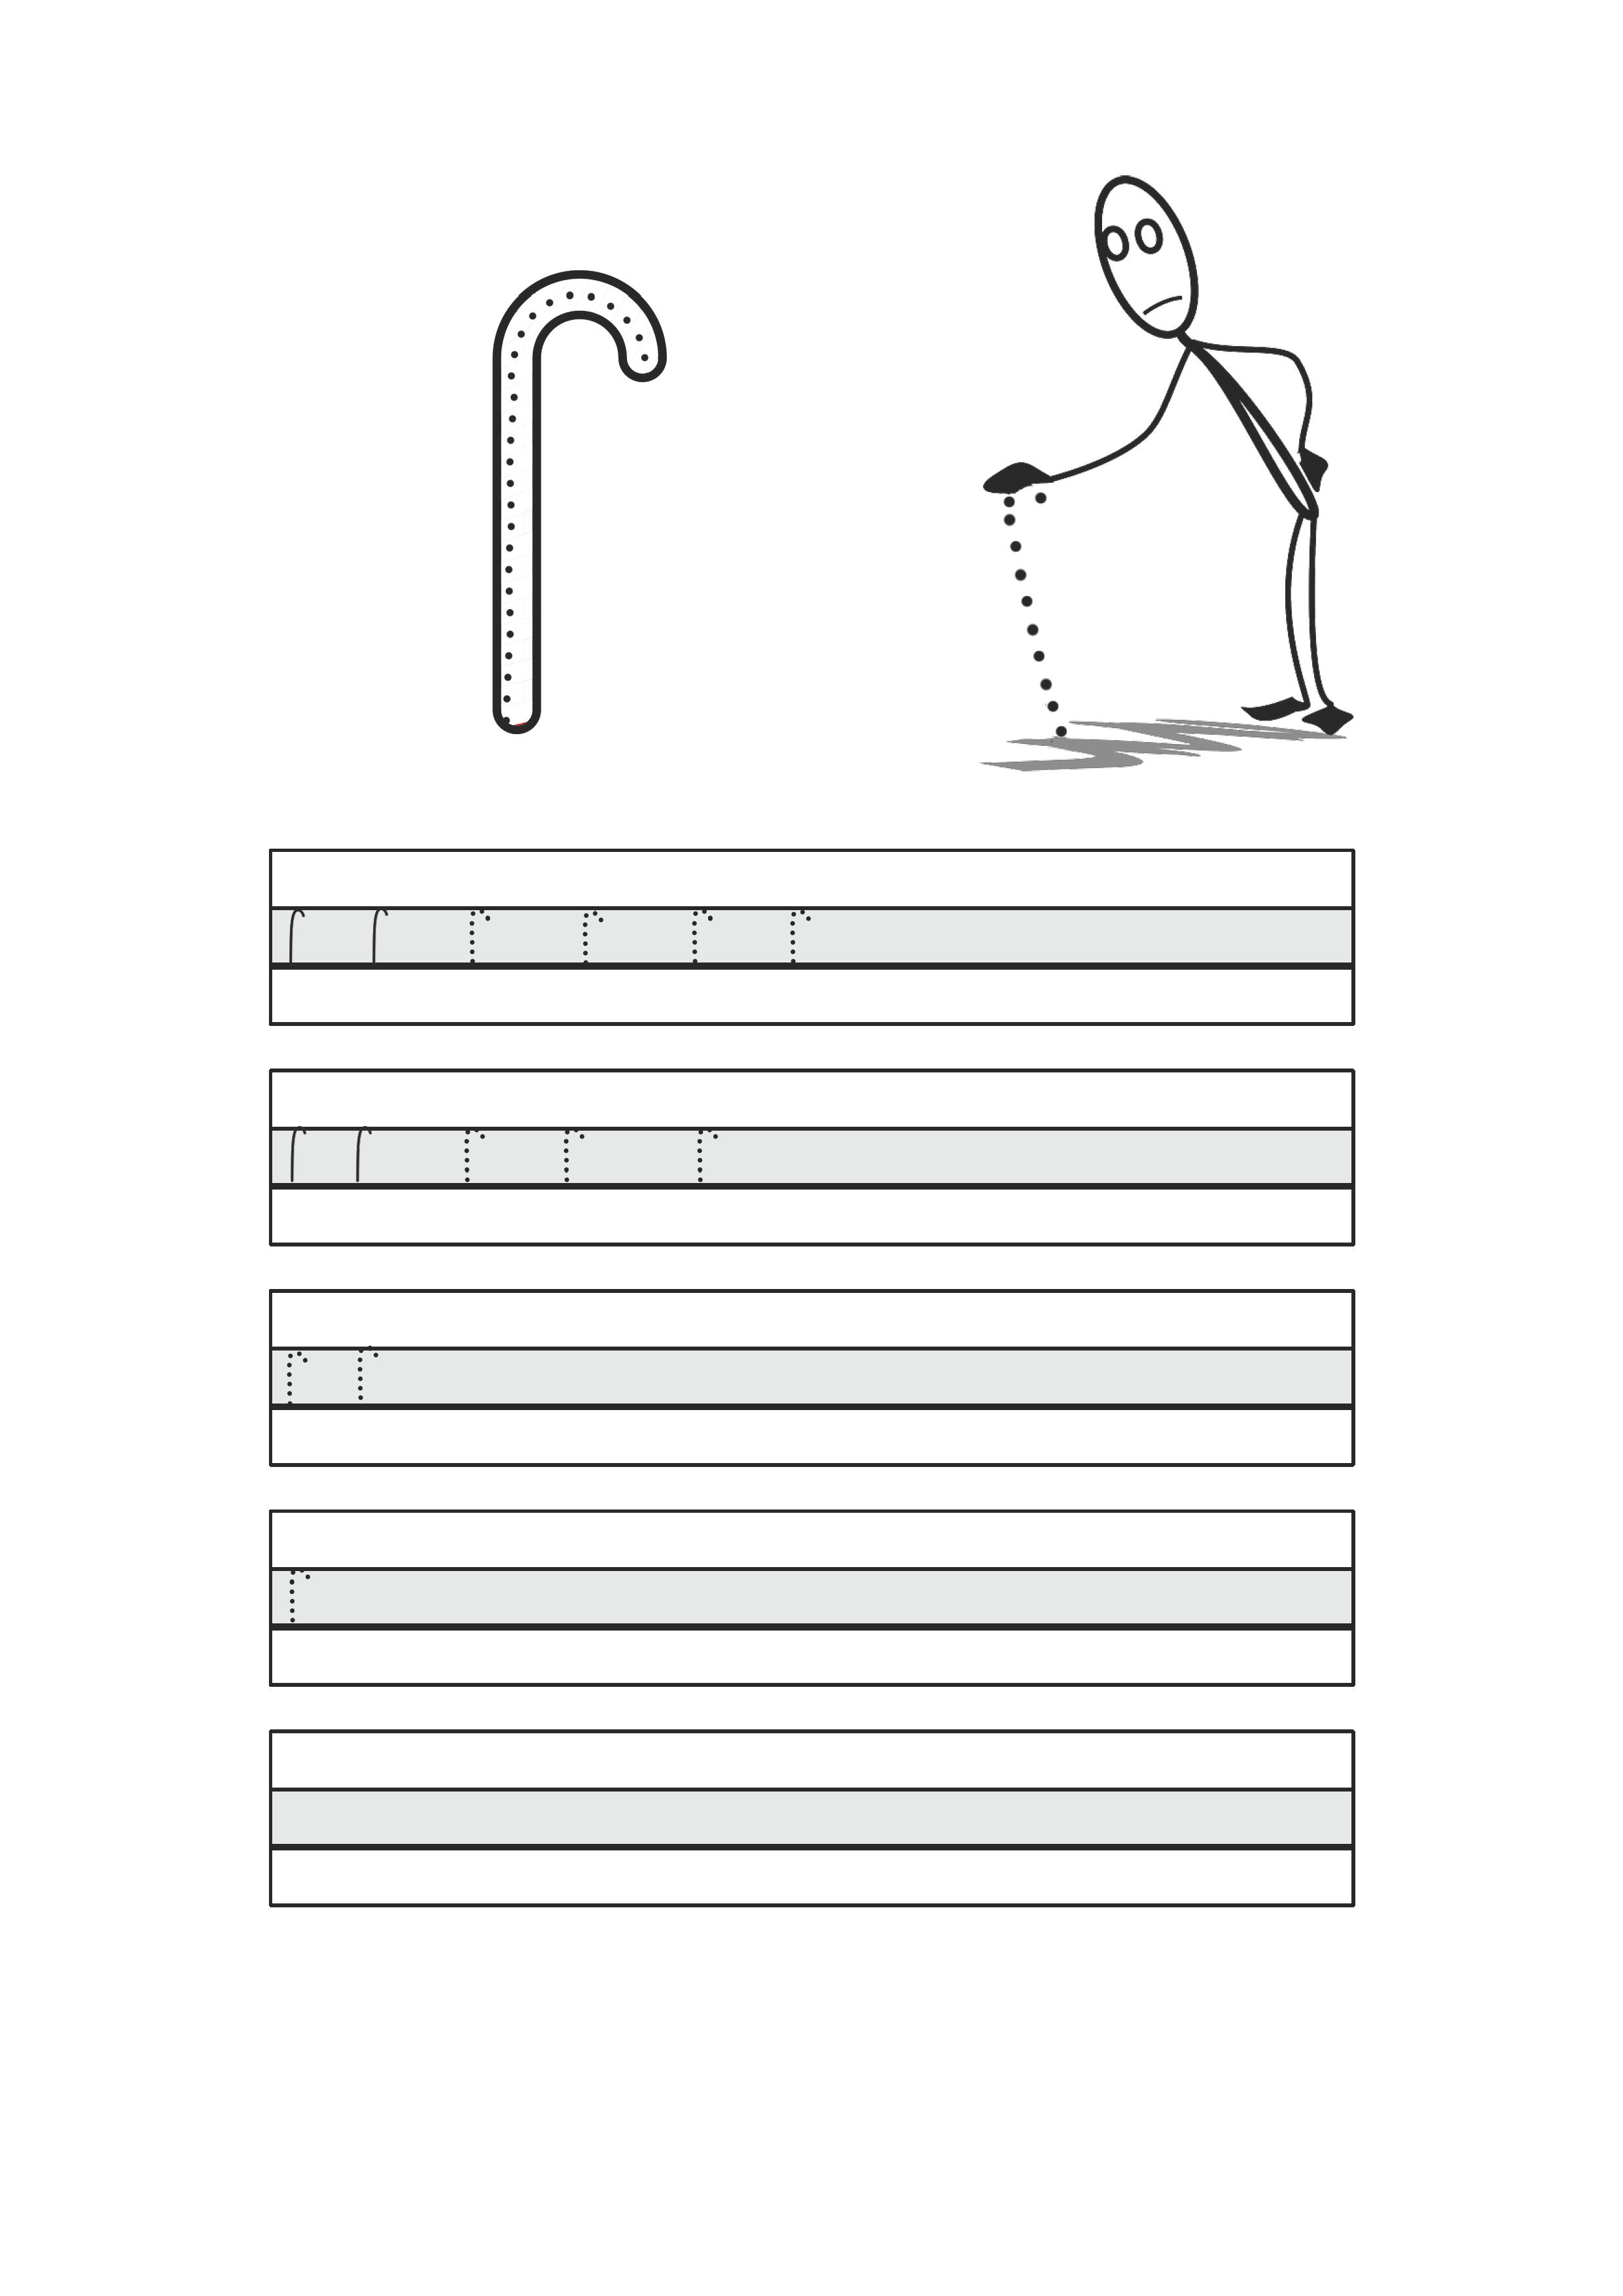 Προγραφικές ασκήσεις-Μπαστουνάκι